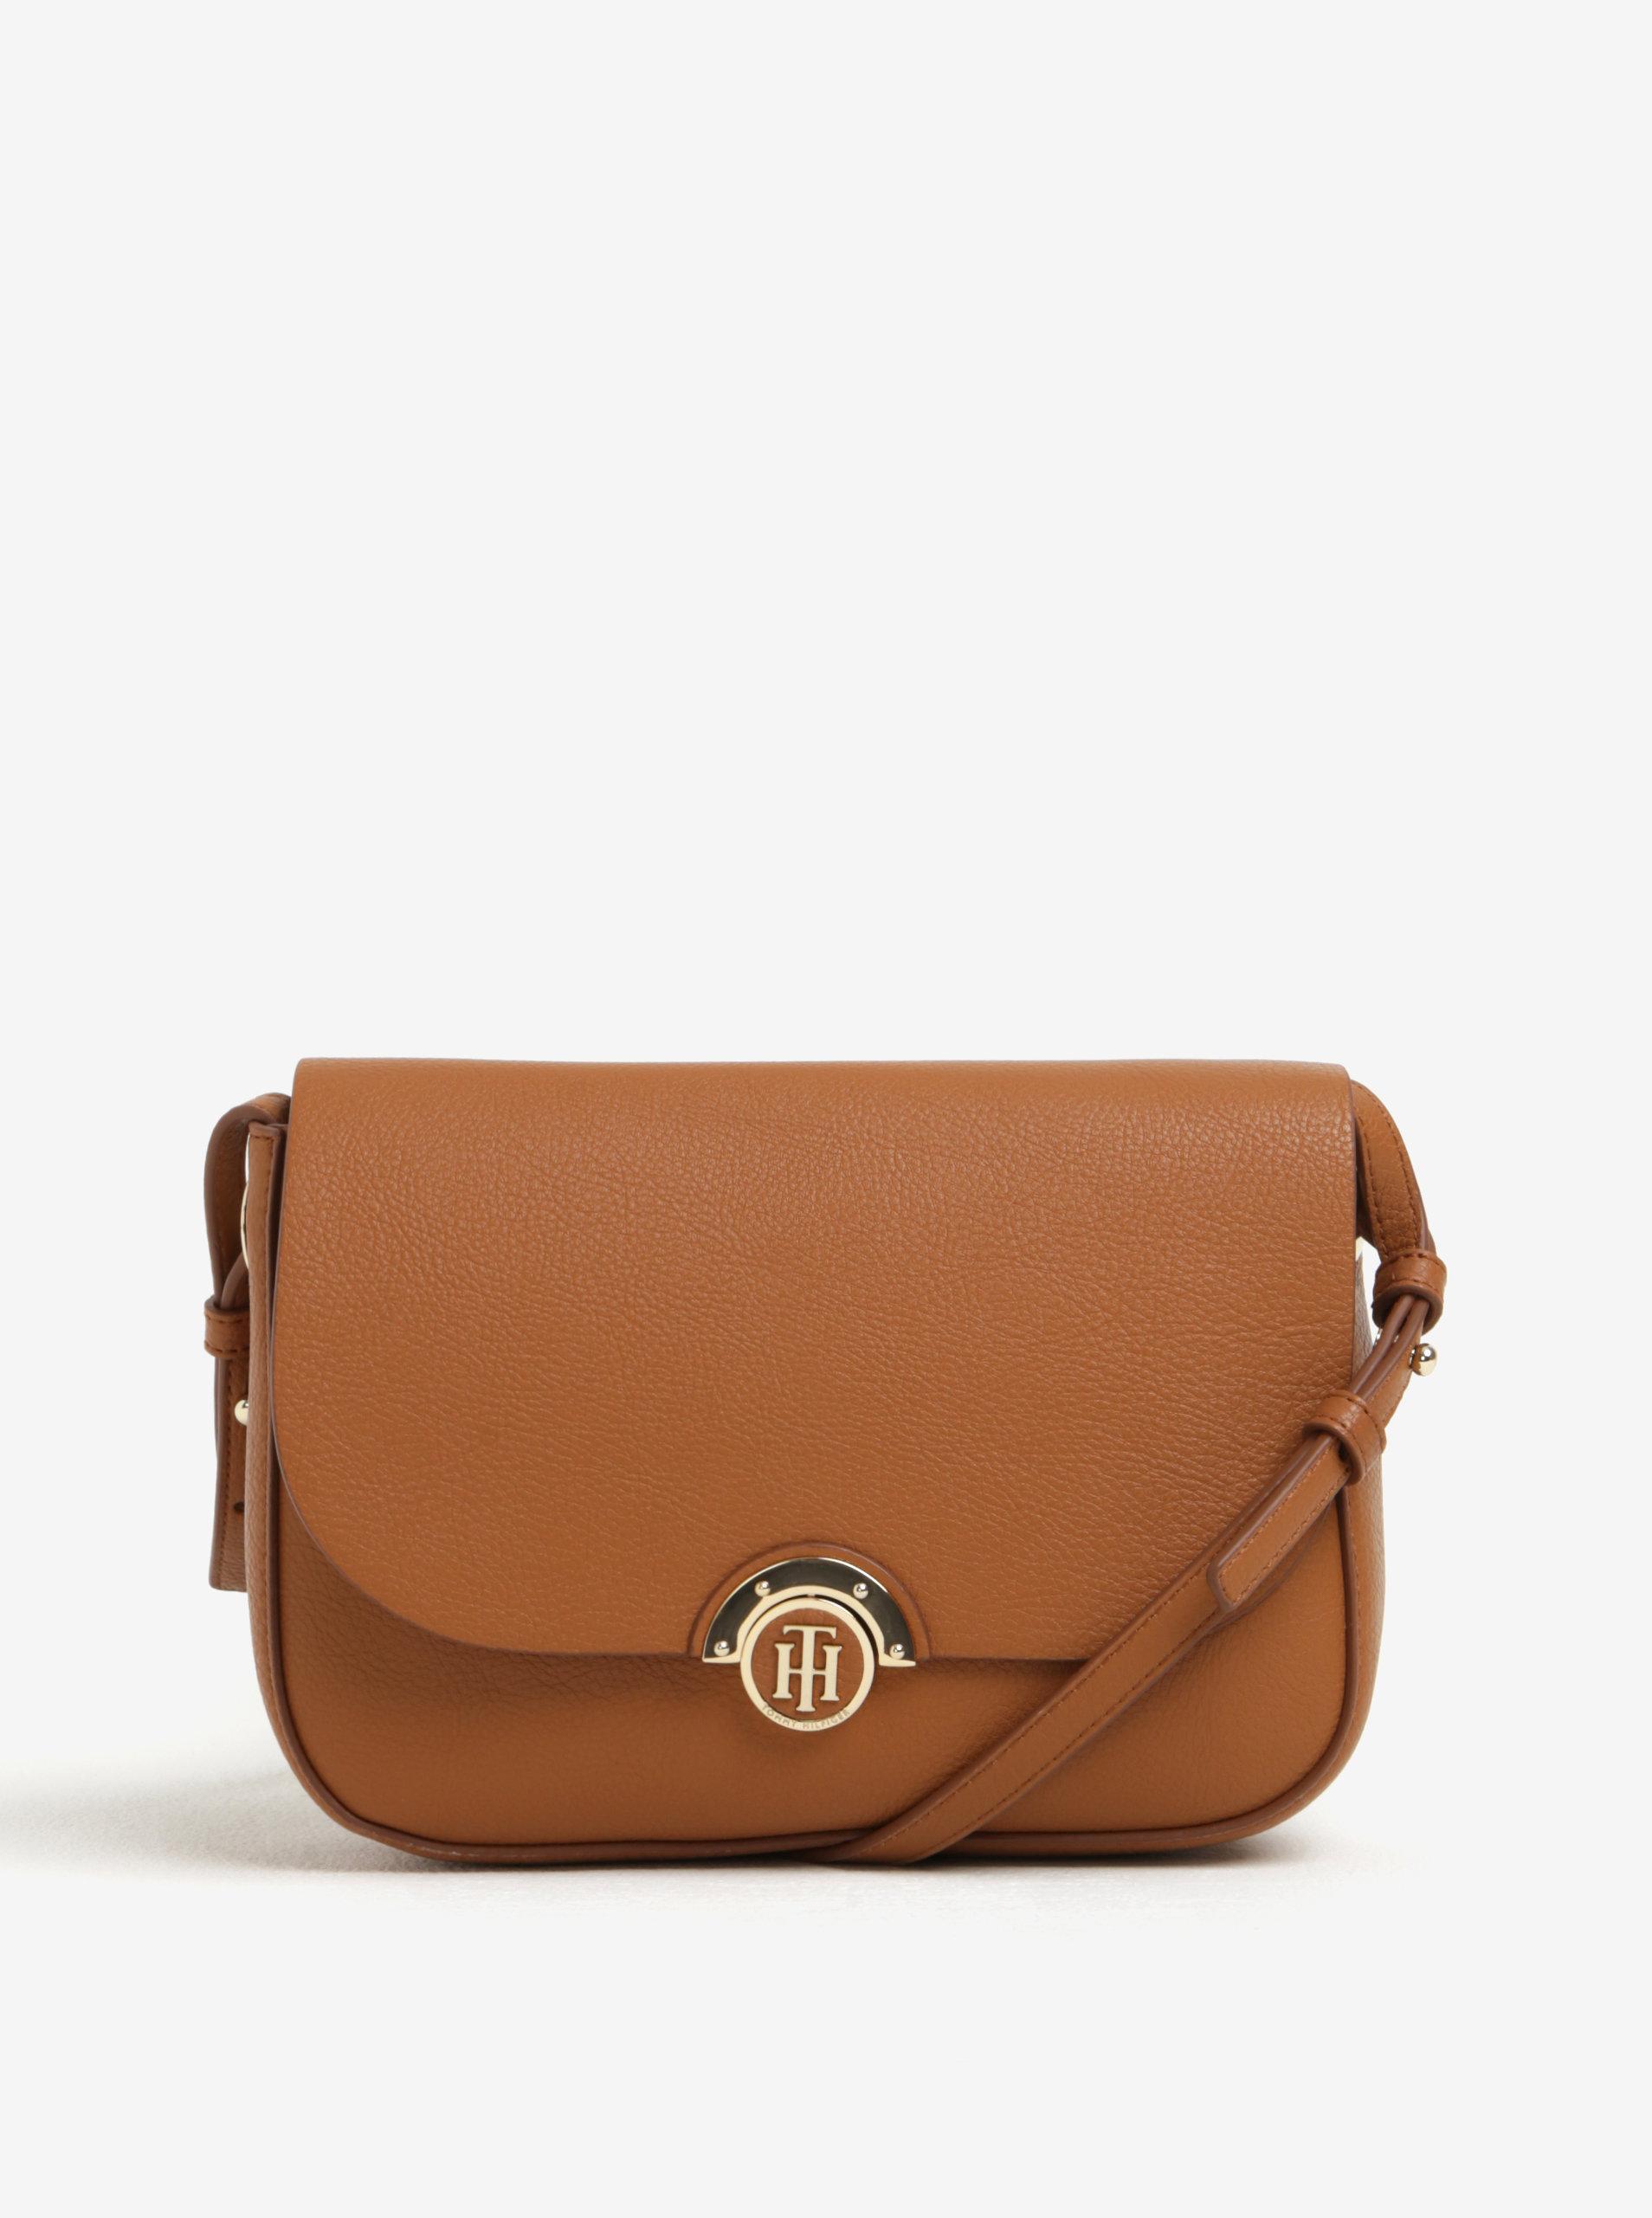 Hnedá dámska crossbody kabelka s obojstrannou chlopňou Tommy Hilfiger ... 39252483f4